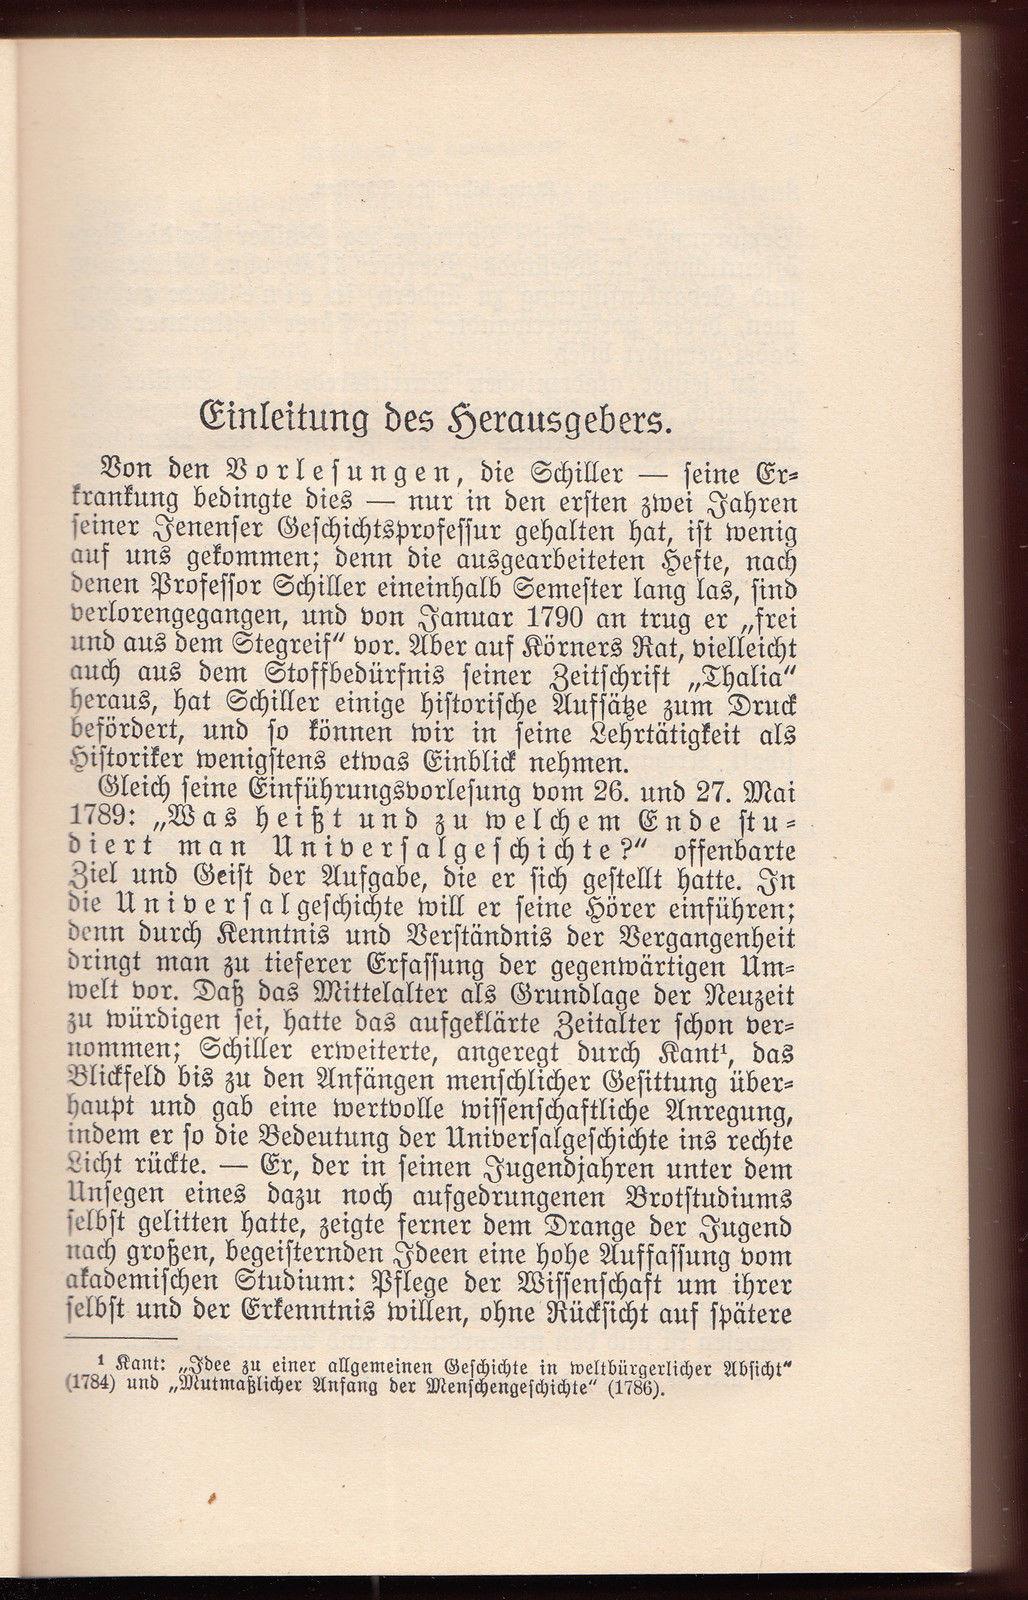 013 Essay Example Schiller Essays Friedrich Schriften Vol Werke Ger Philosophy History Awful Full